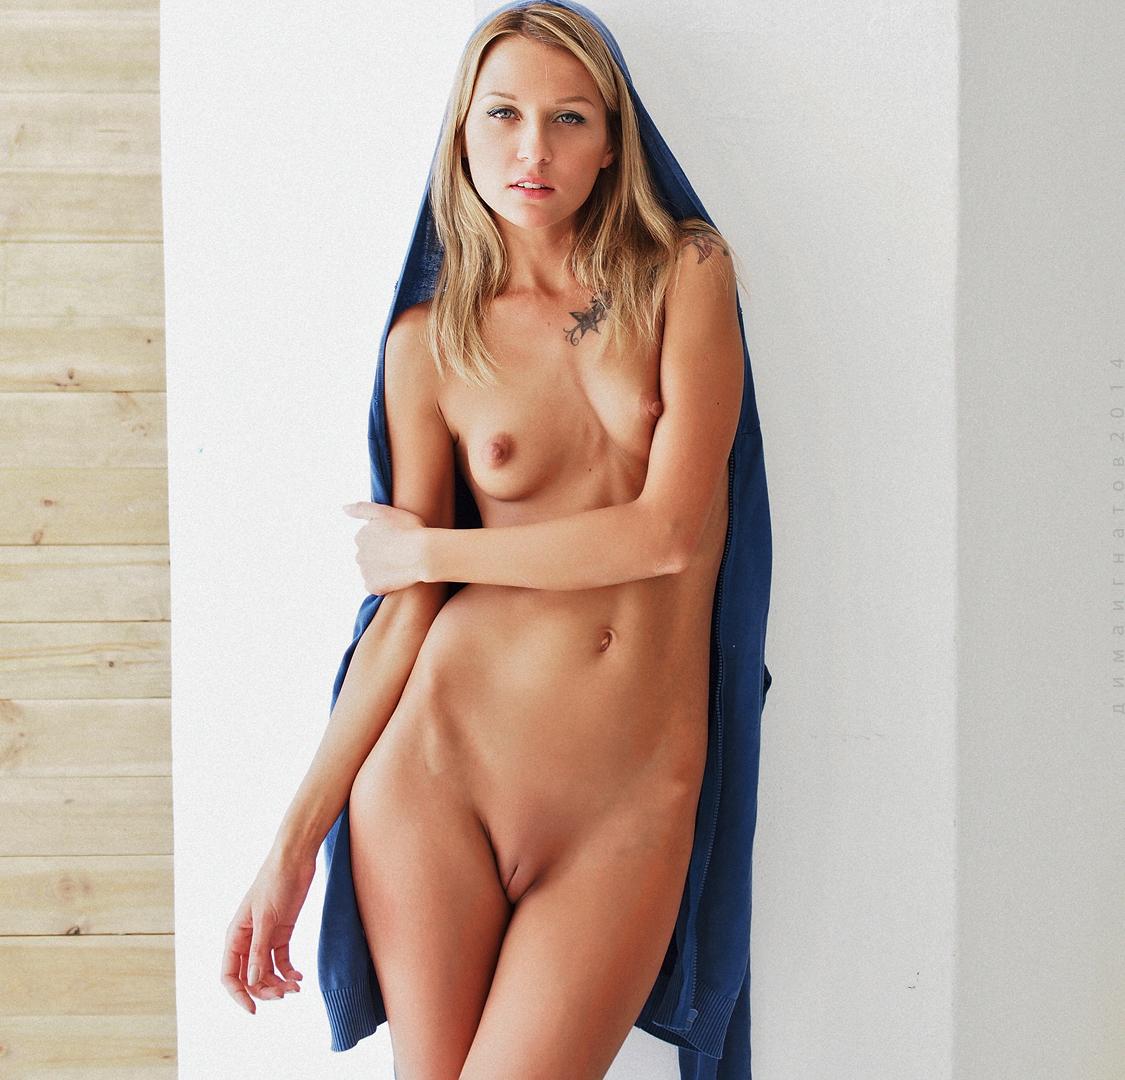 знакомства купавна секс без регистрации